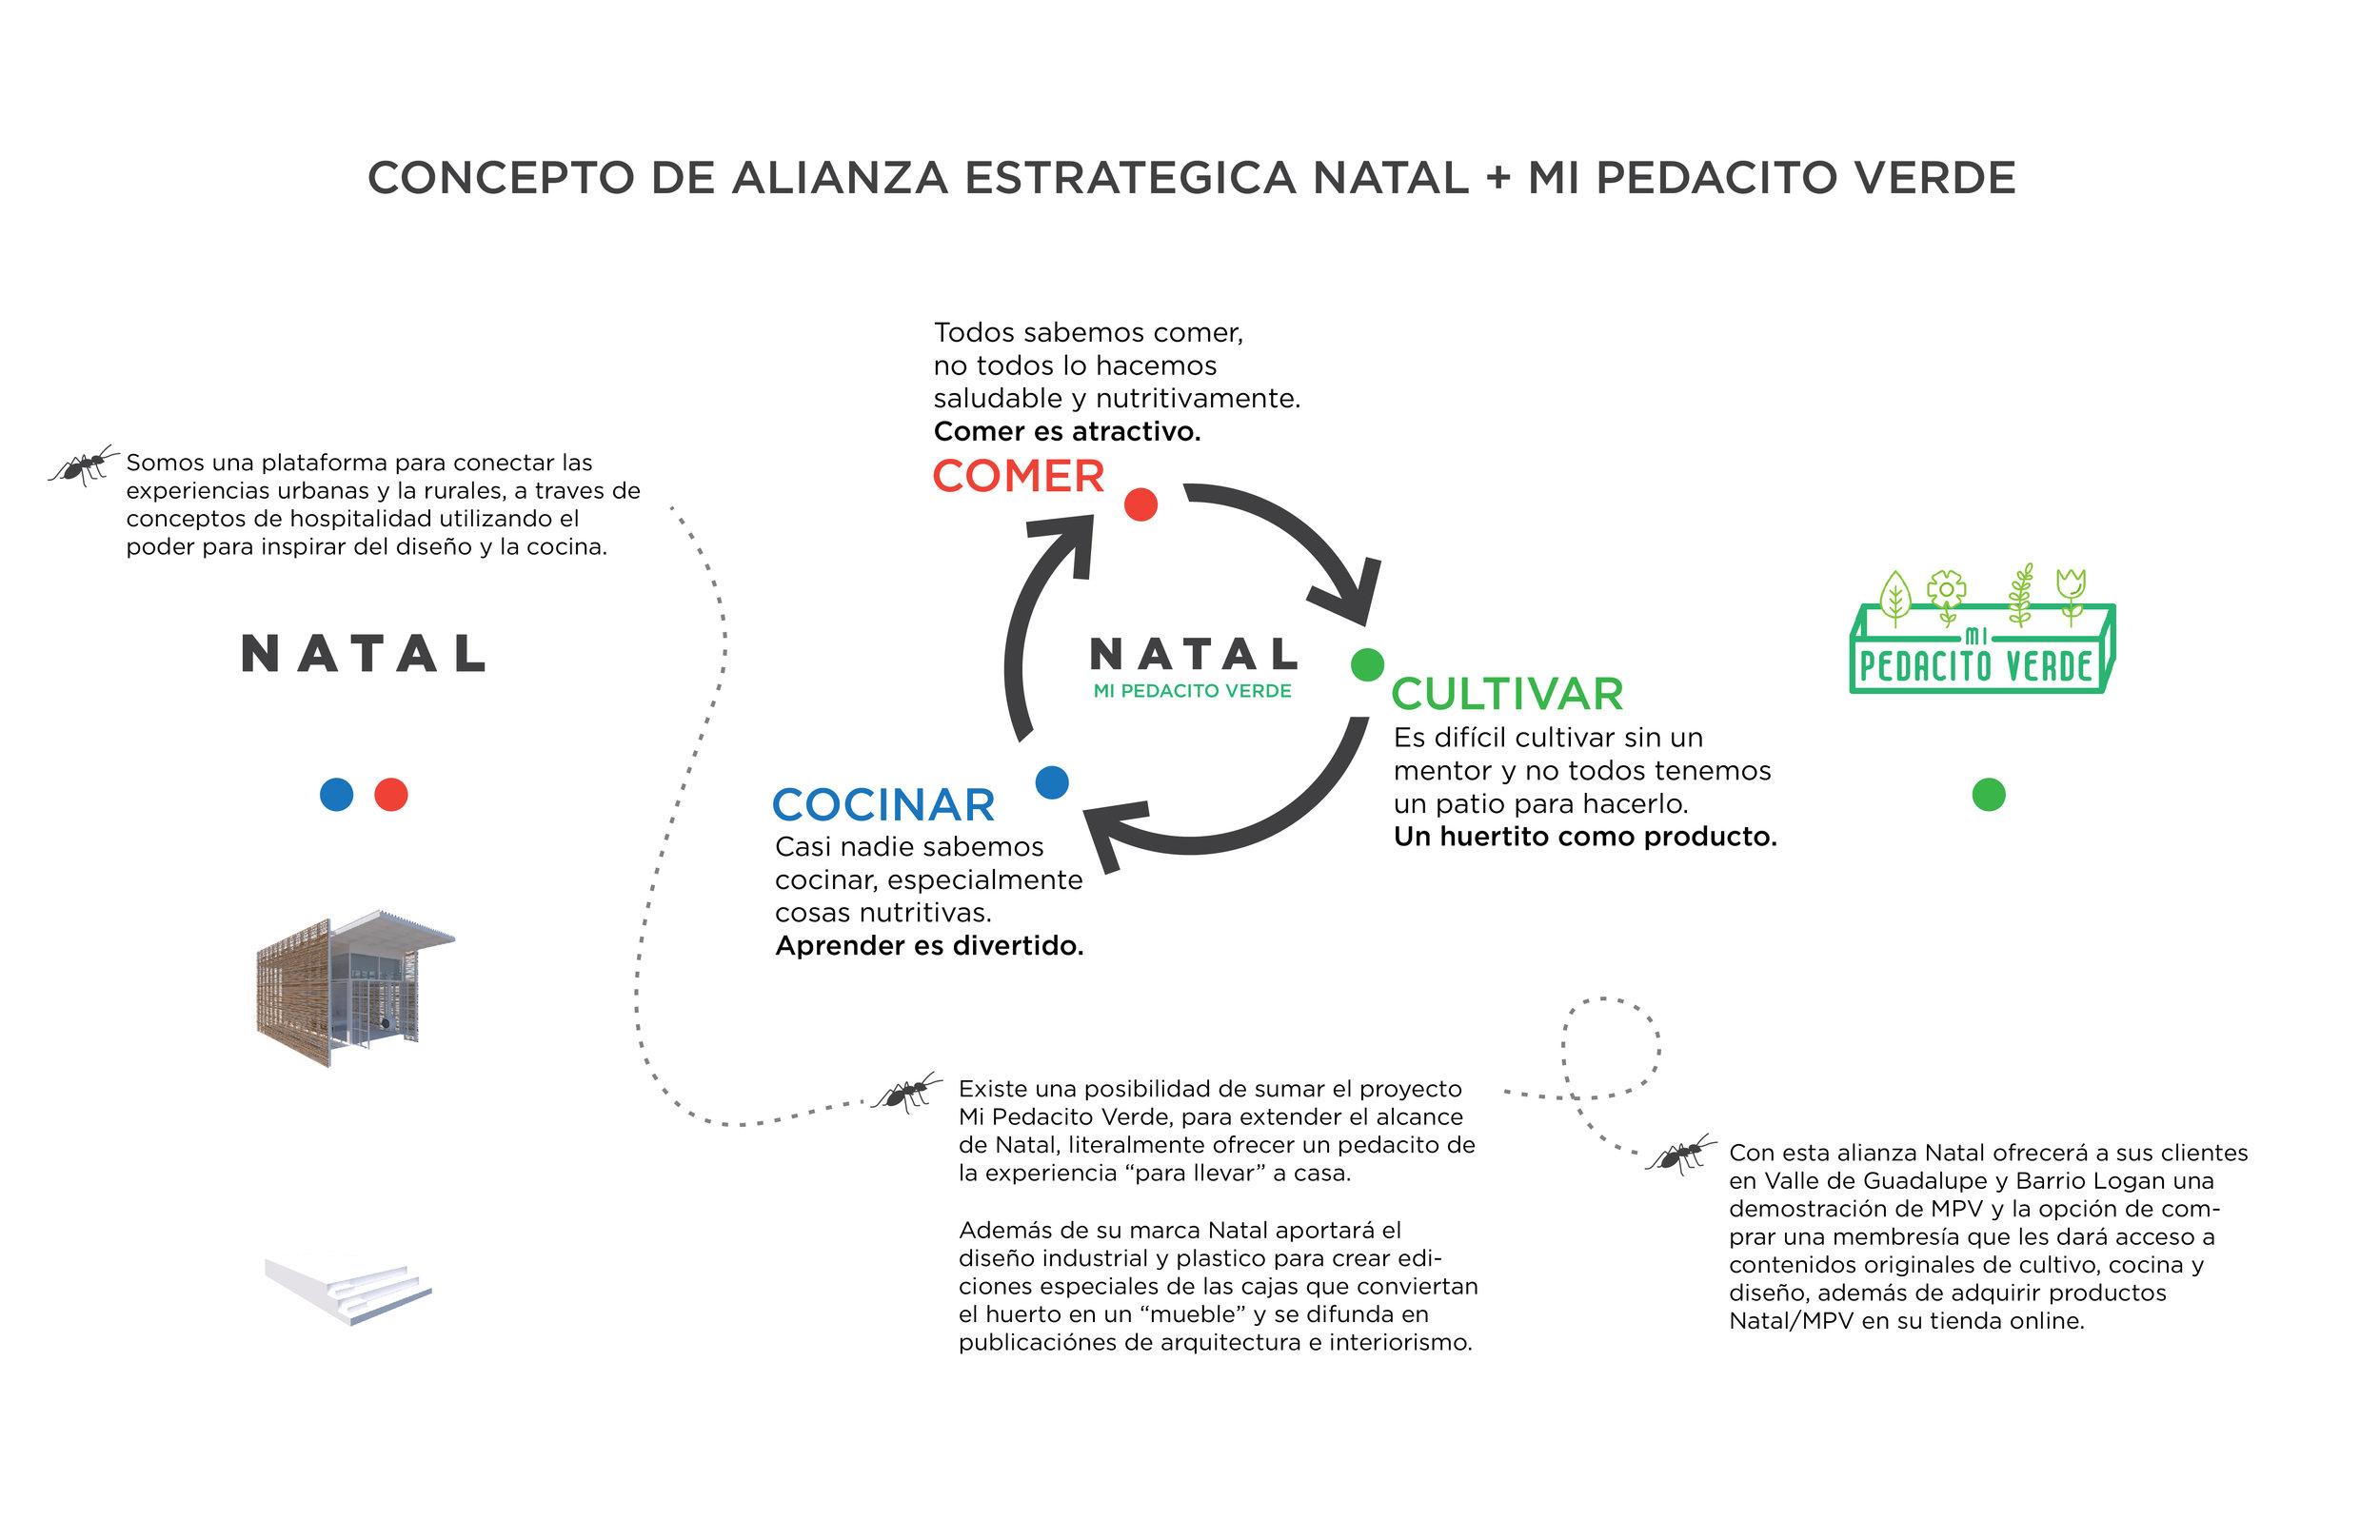 NATAL MI PEDACITO V1-01.jpg